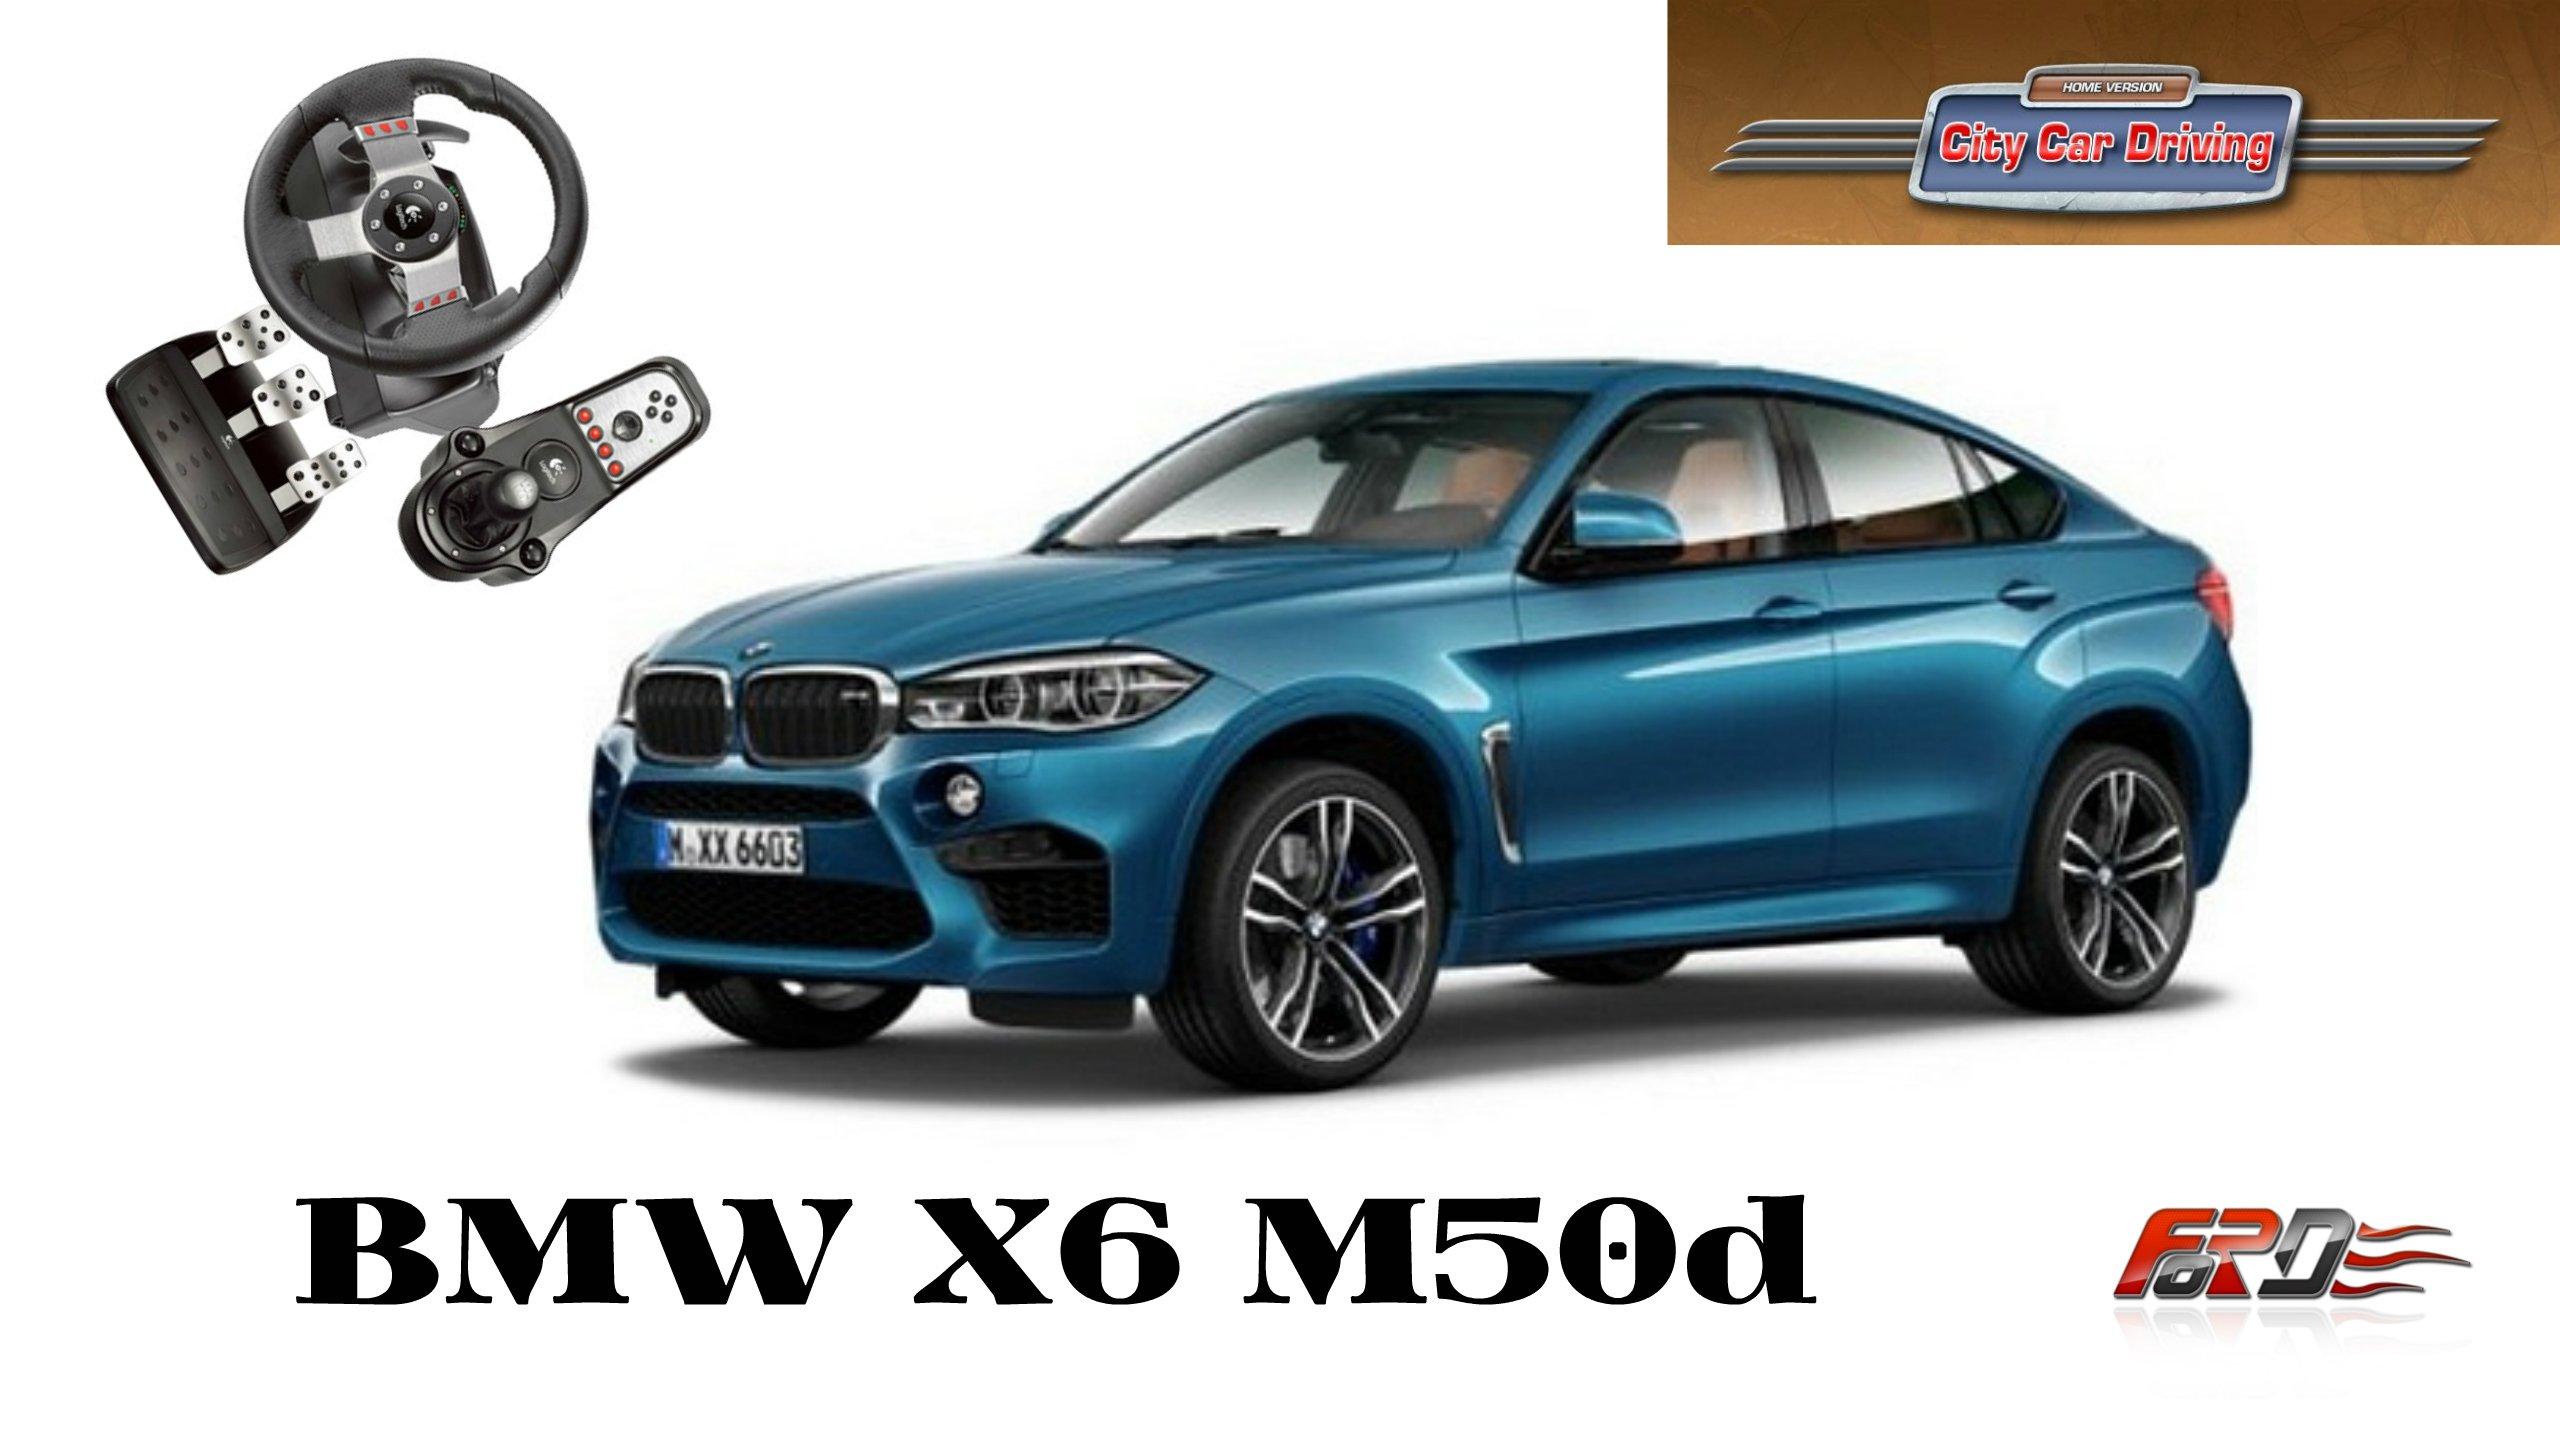 BMW X6M 50d тест-драйв, обзор спортивного дизельного кроссовера в City Car Driving  - Изображение 1